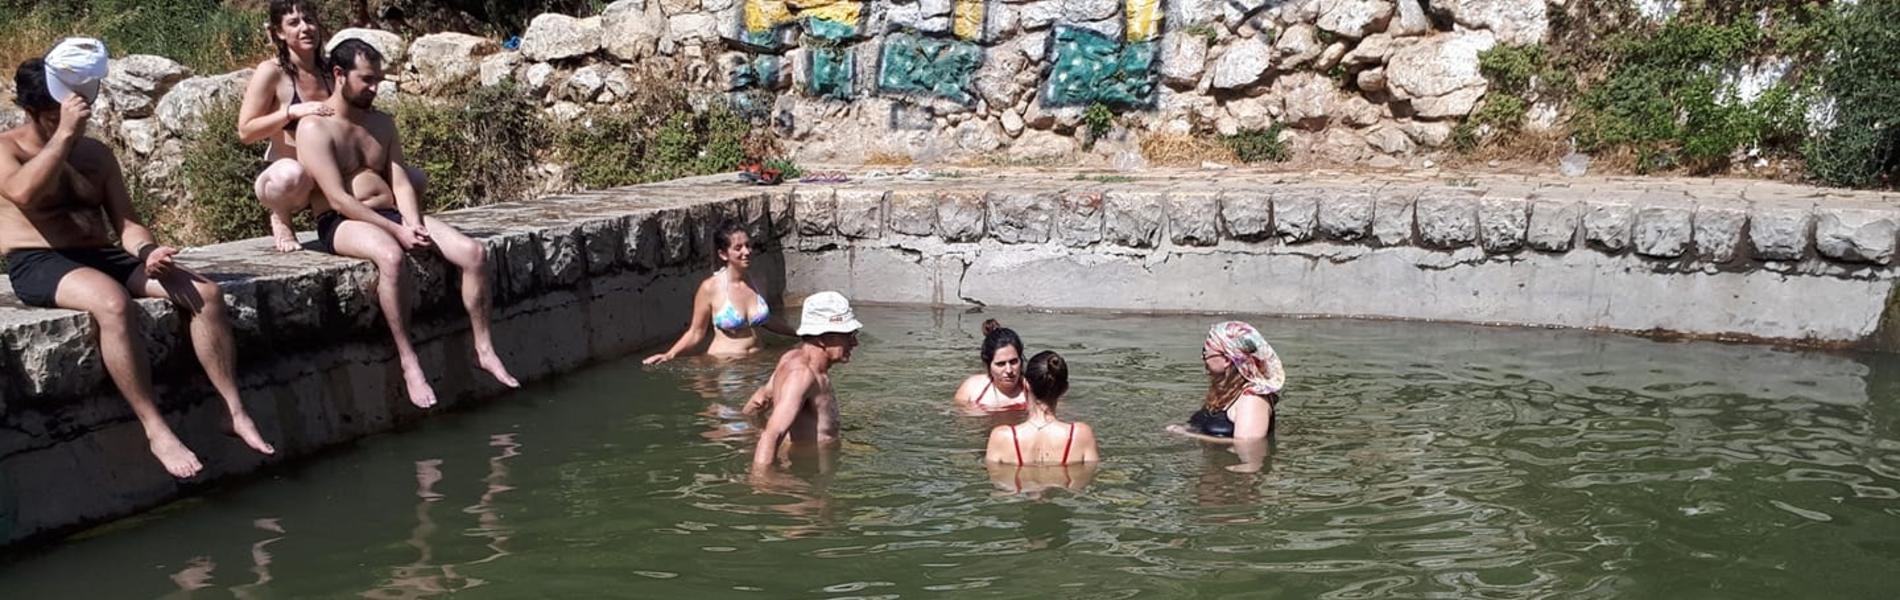 אבנים, קללות והשפלות: נשים מגורשות ממעיינות בירושלים מדי שישי